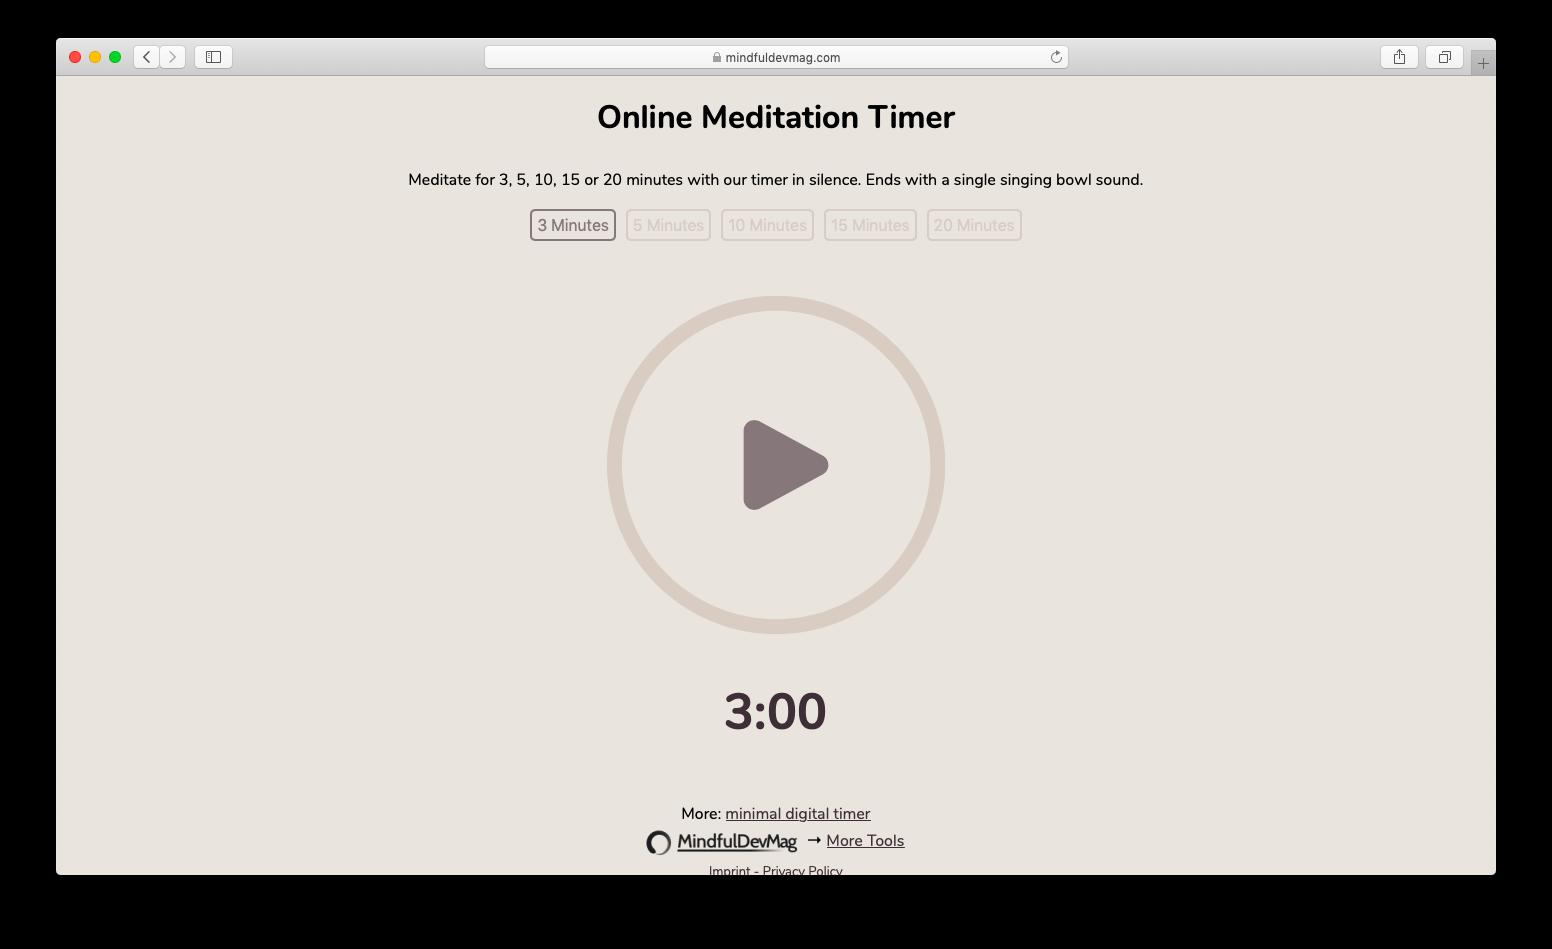 screenshot of the online meditation timer